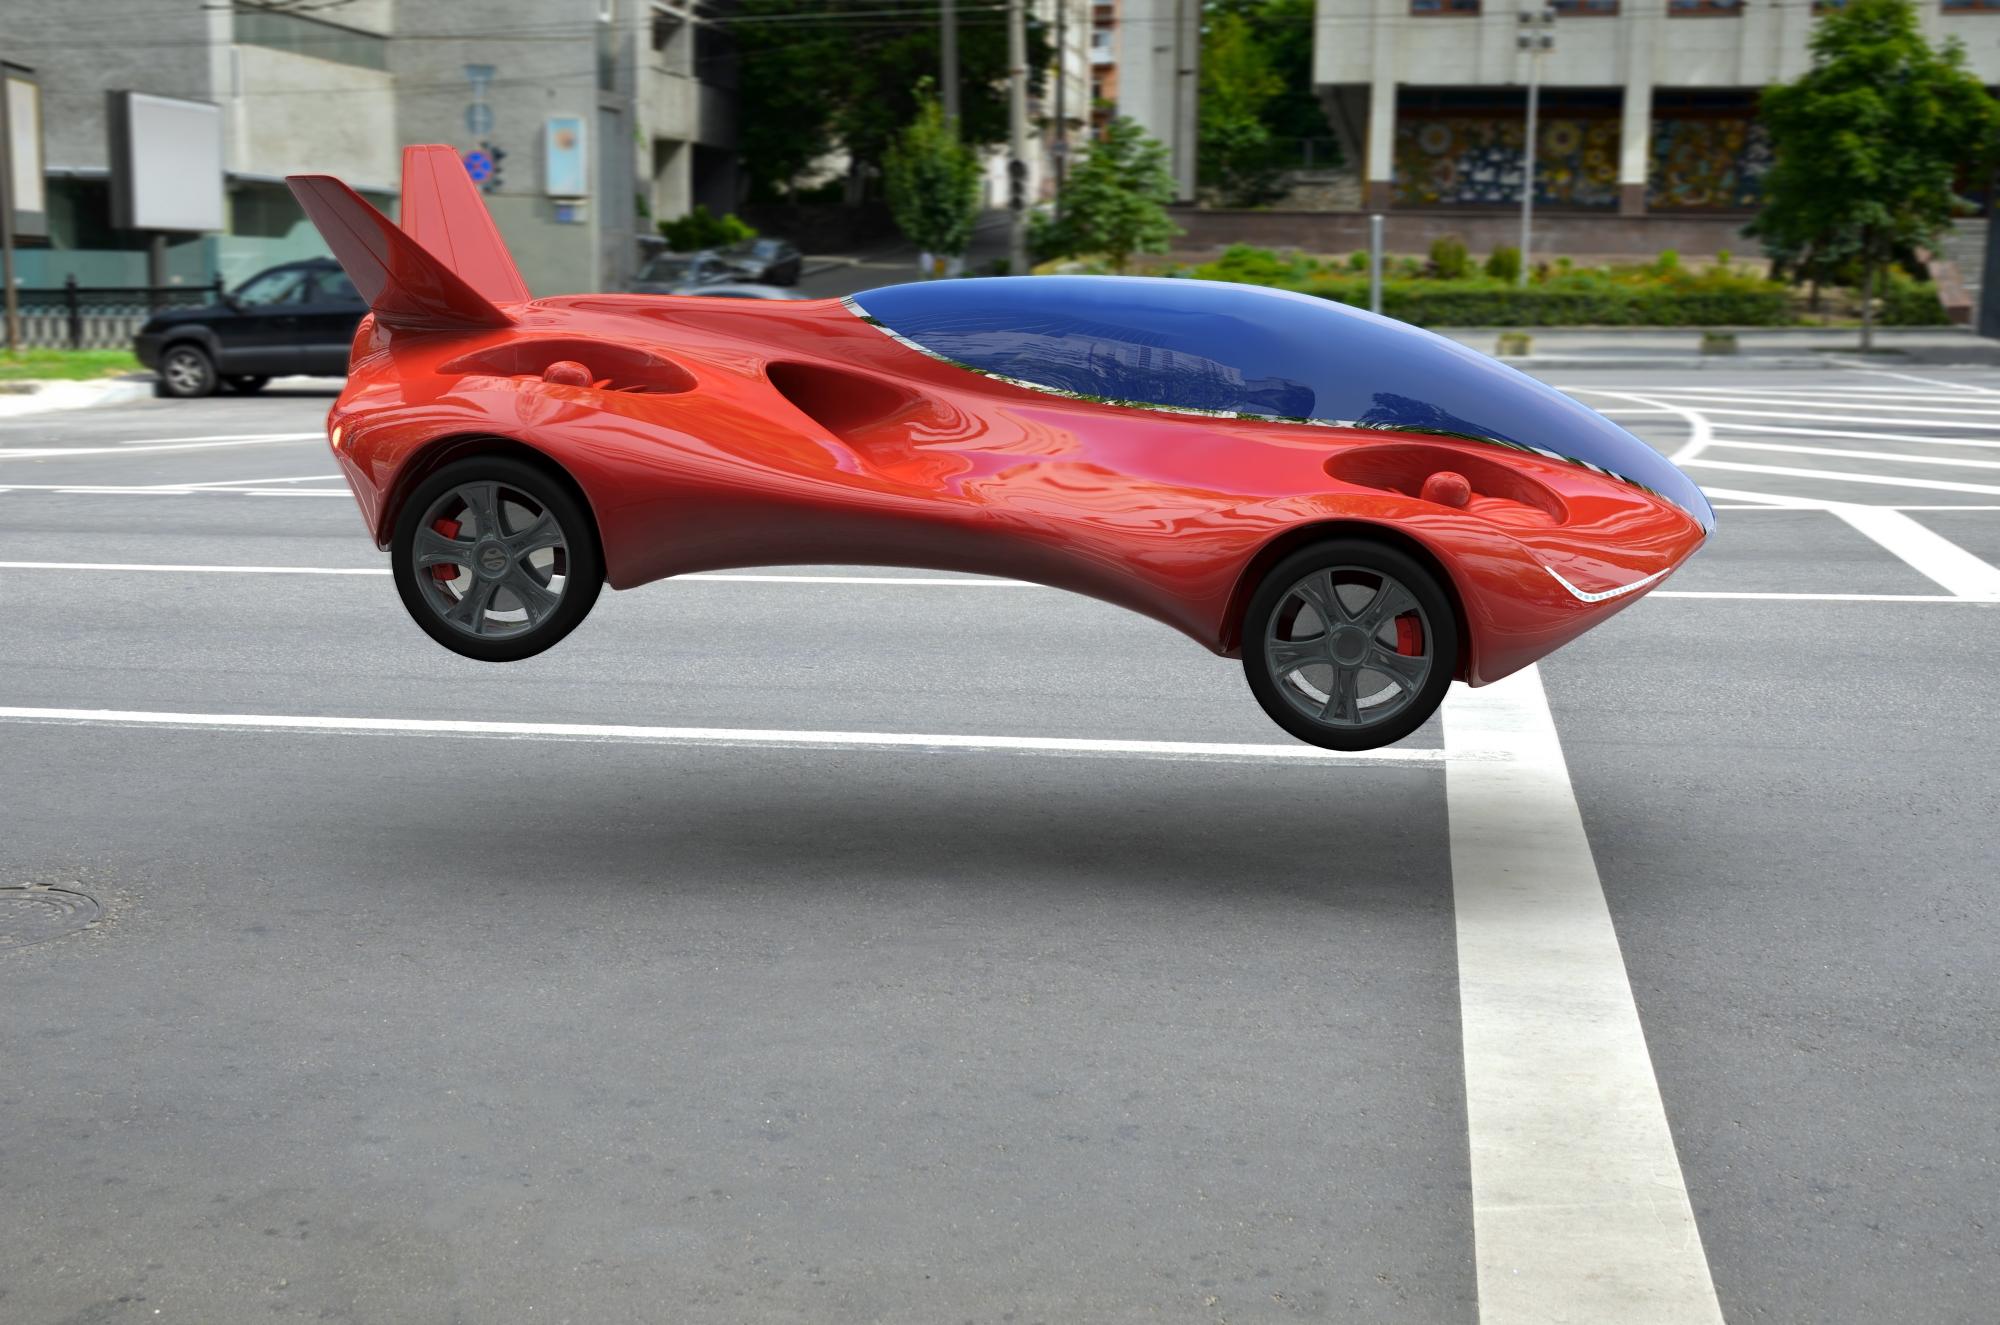 Czy jesteśmy coraz bliżej latających samochodów? (fot. Shutterstock - zdjęcie ilustracyjne)